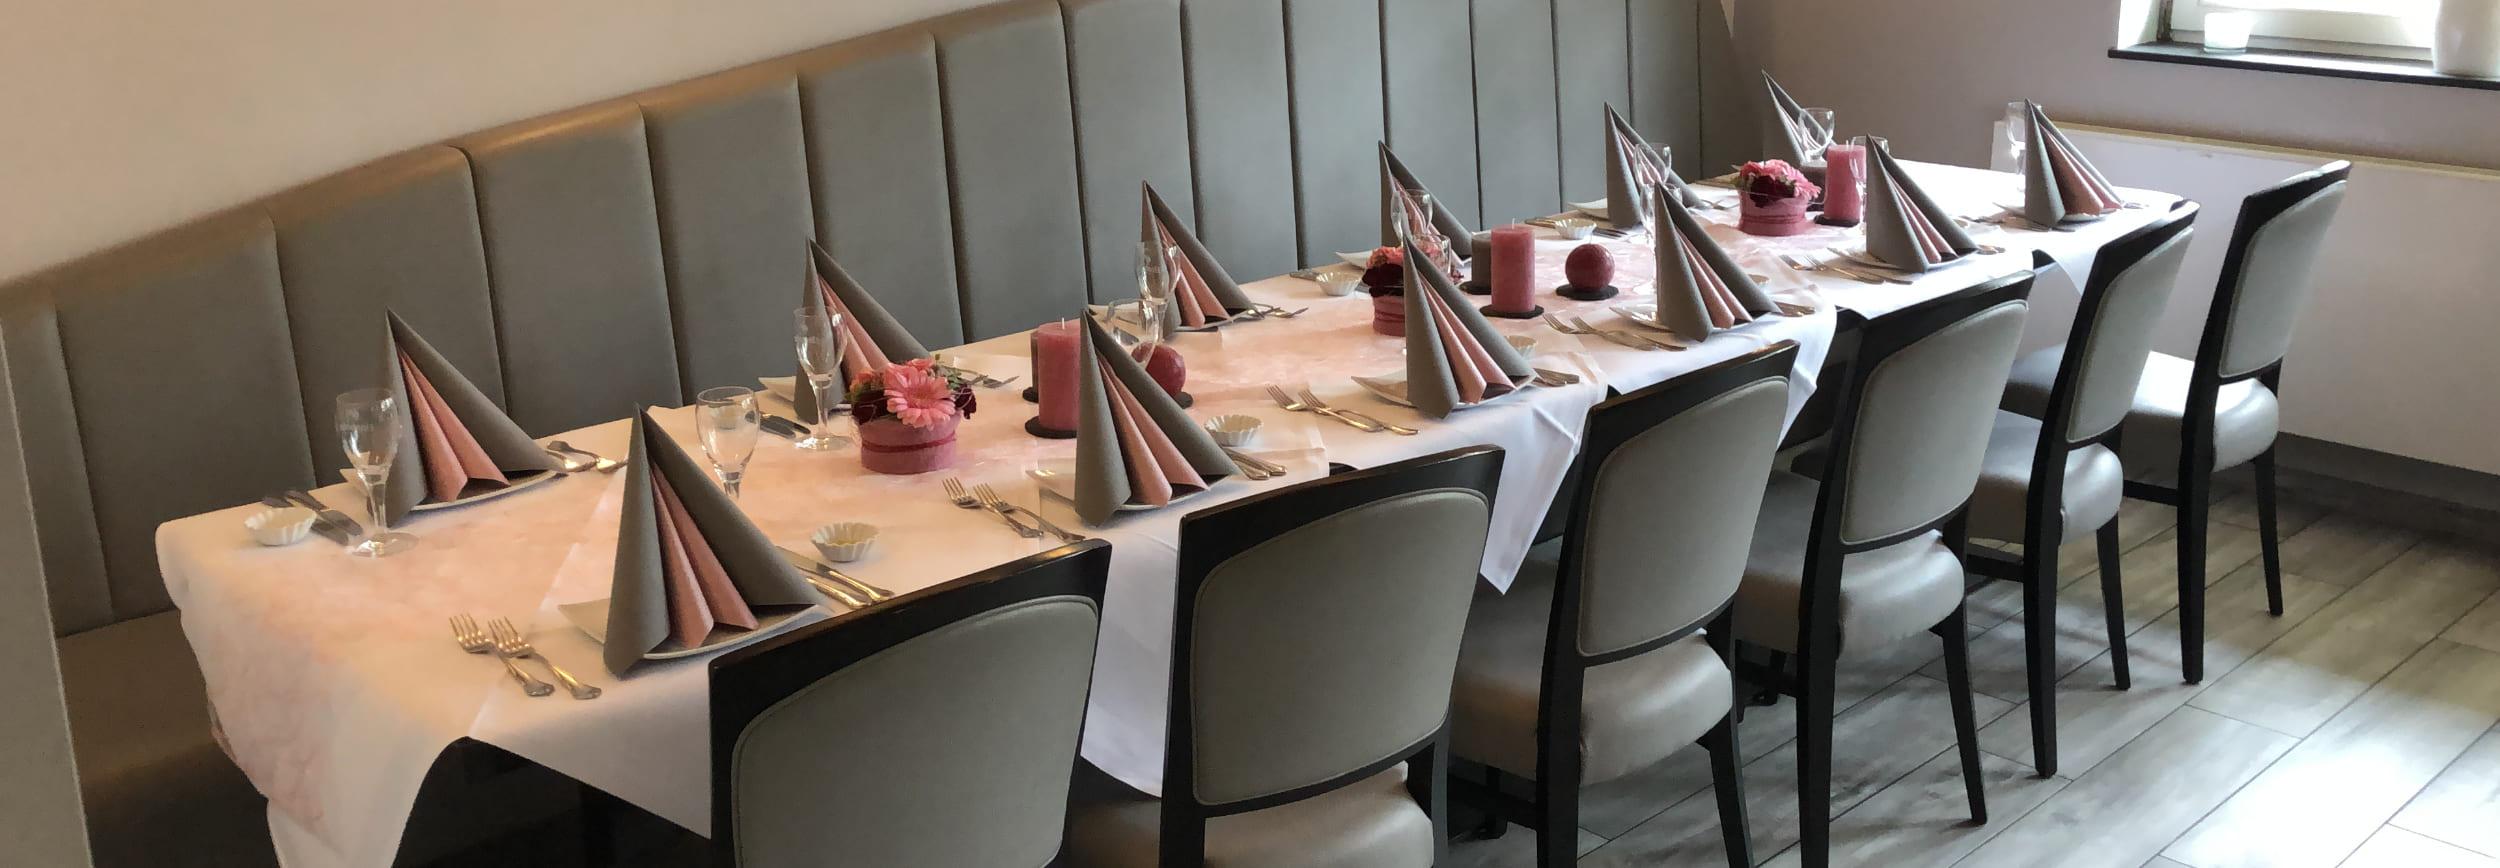 Tische gedeckt